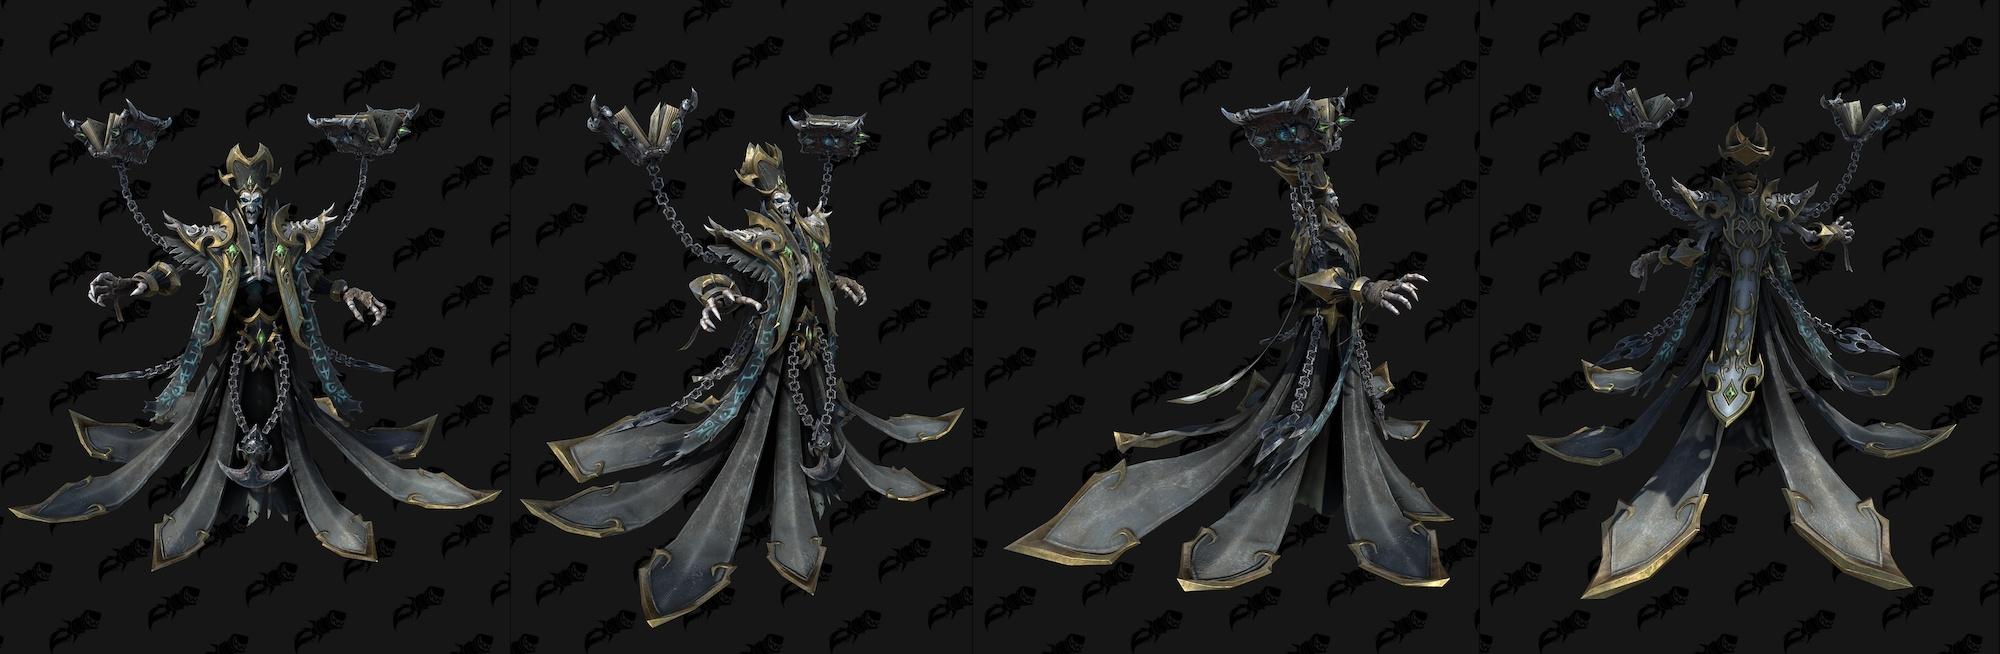 《魔兽争霸3:重制版》不死族模型 女死亡骑士登场